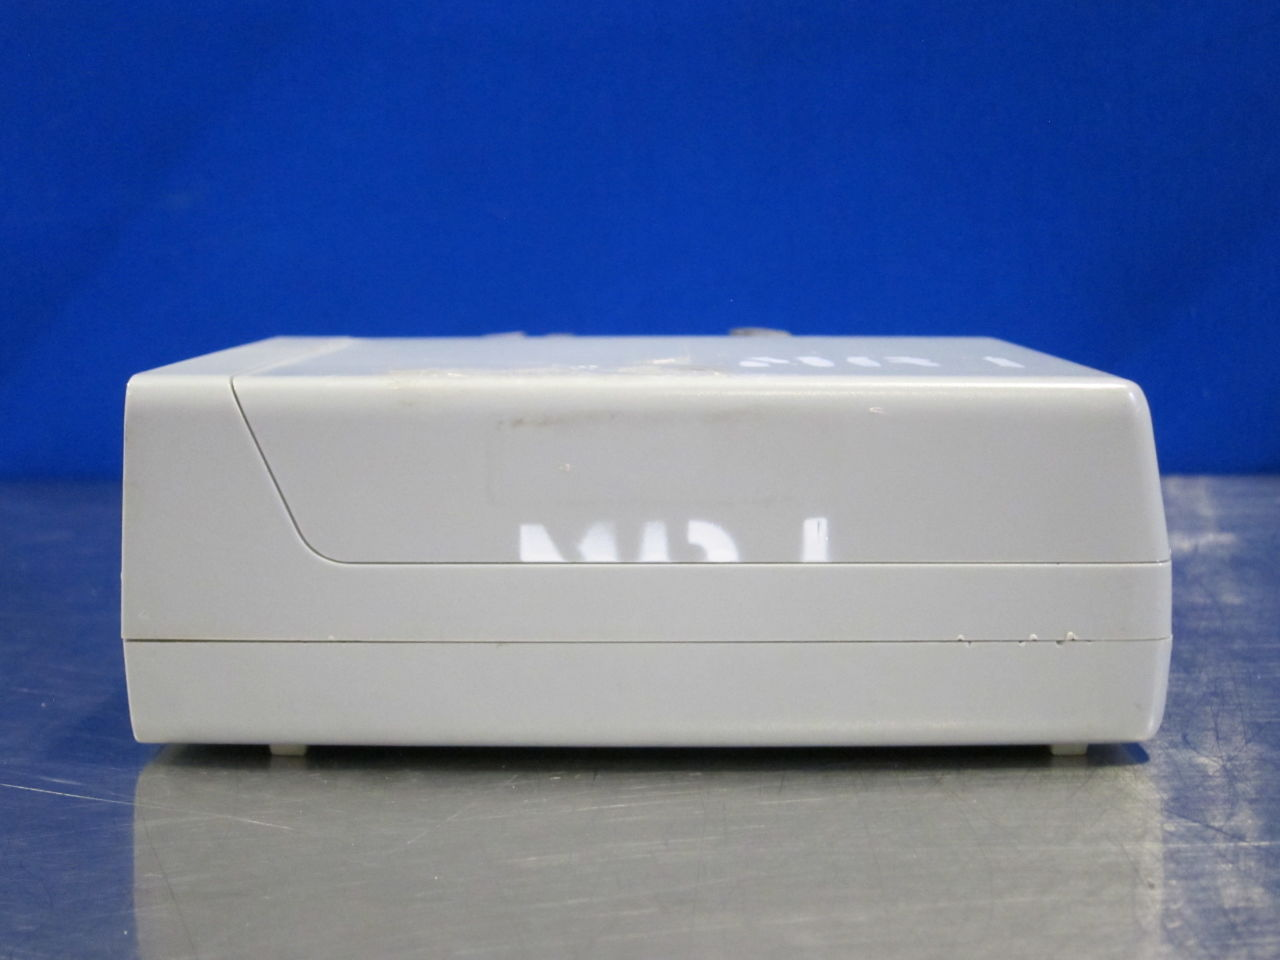 NONIN 8600FO Oximeter - Pulse